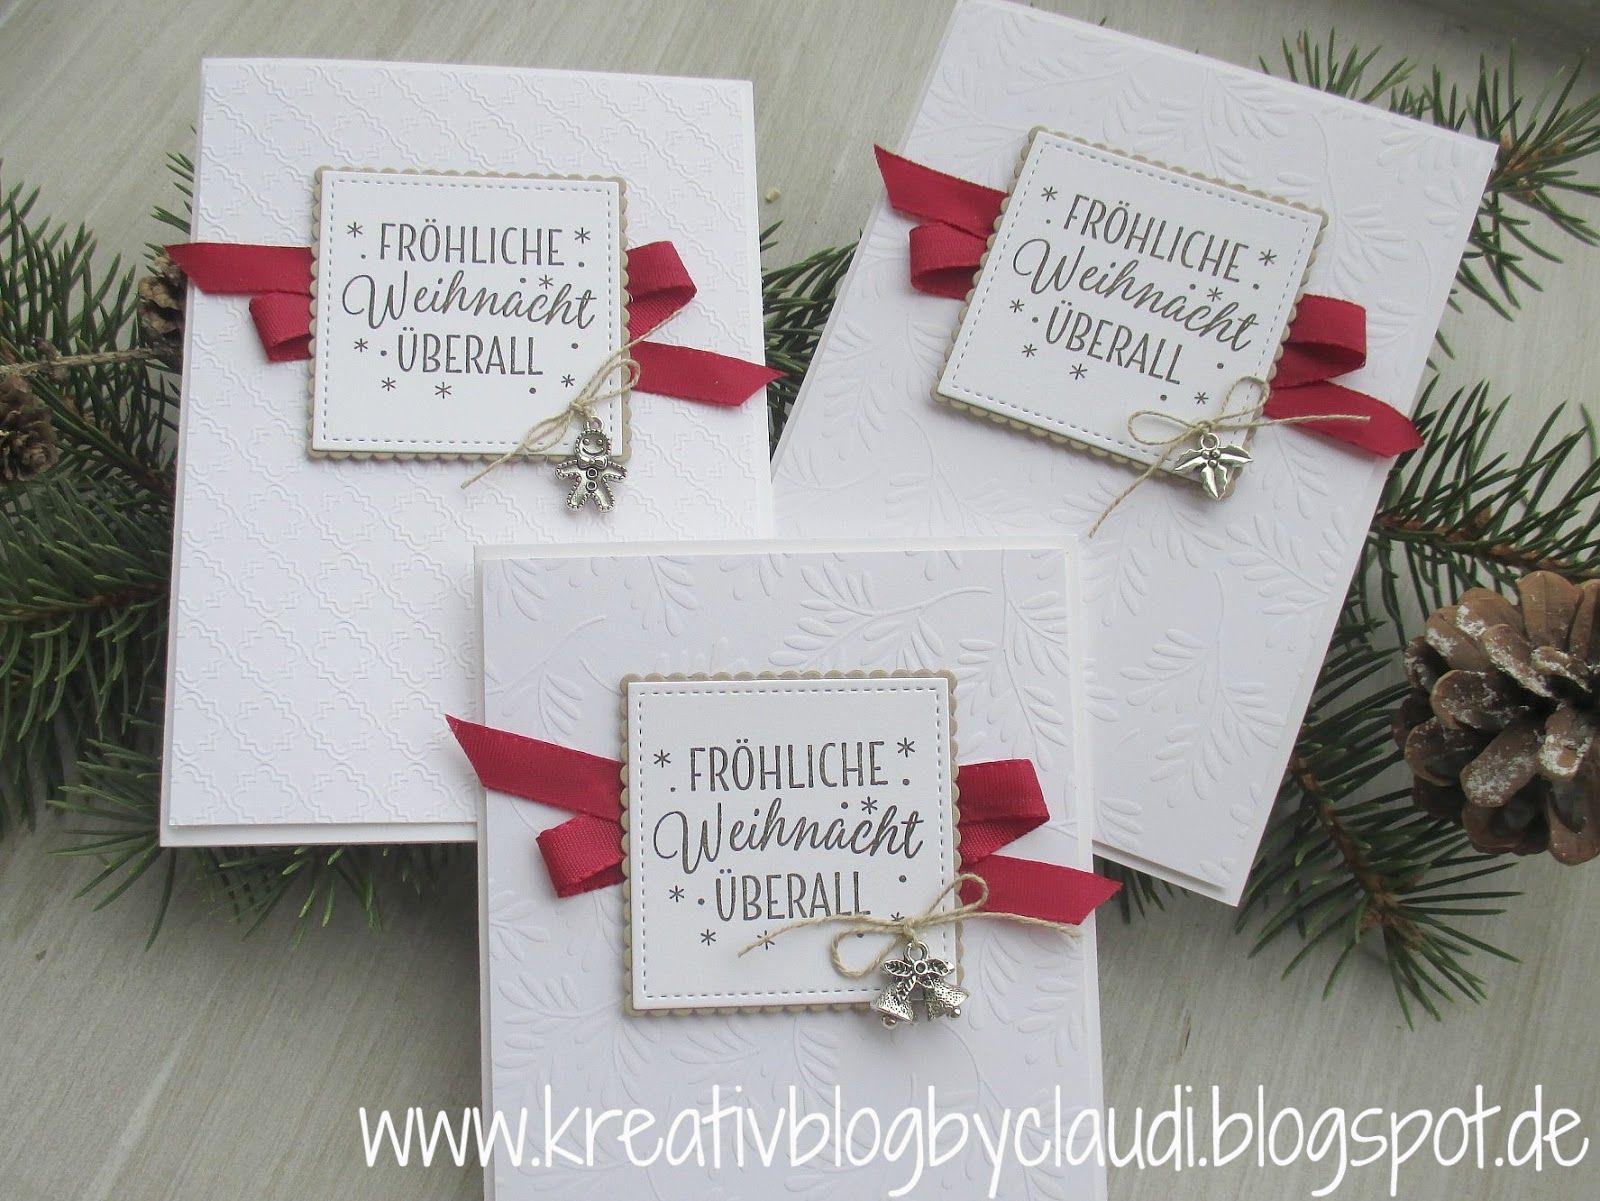 Diese woche sind noch jede menge weihnachtskarten entstanden unter anderem habe ich das tolle - Weihnachtskarten schreiben ideen ...